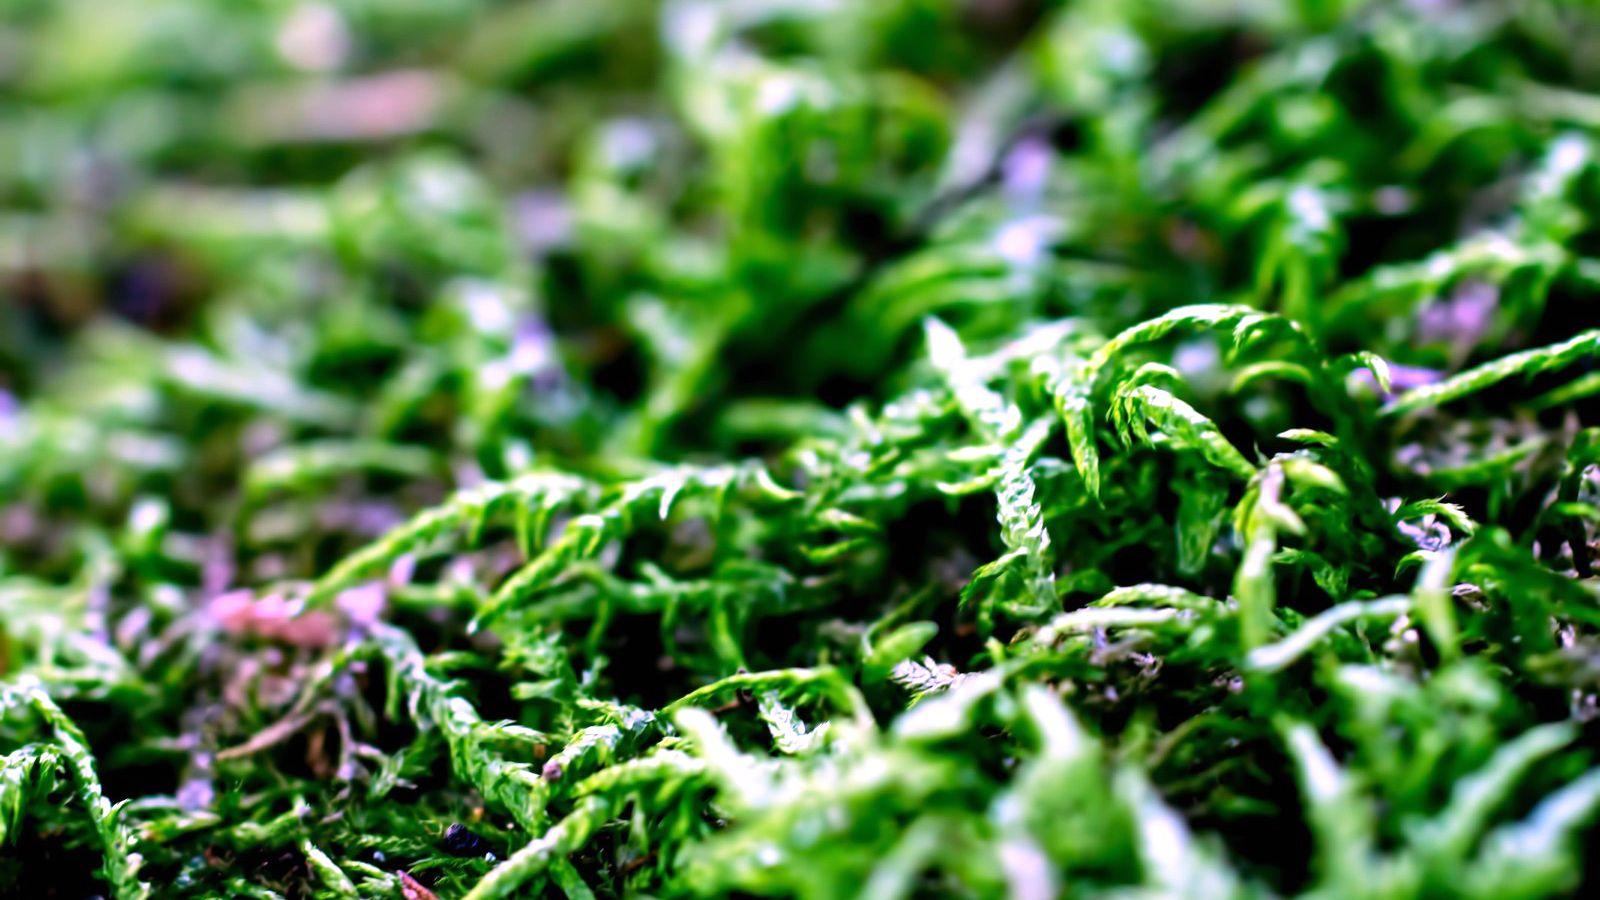 【構想】杉の葉線香に学ぶ。いろんな木の葉っぱで線香を作ってみたい。